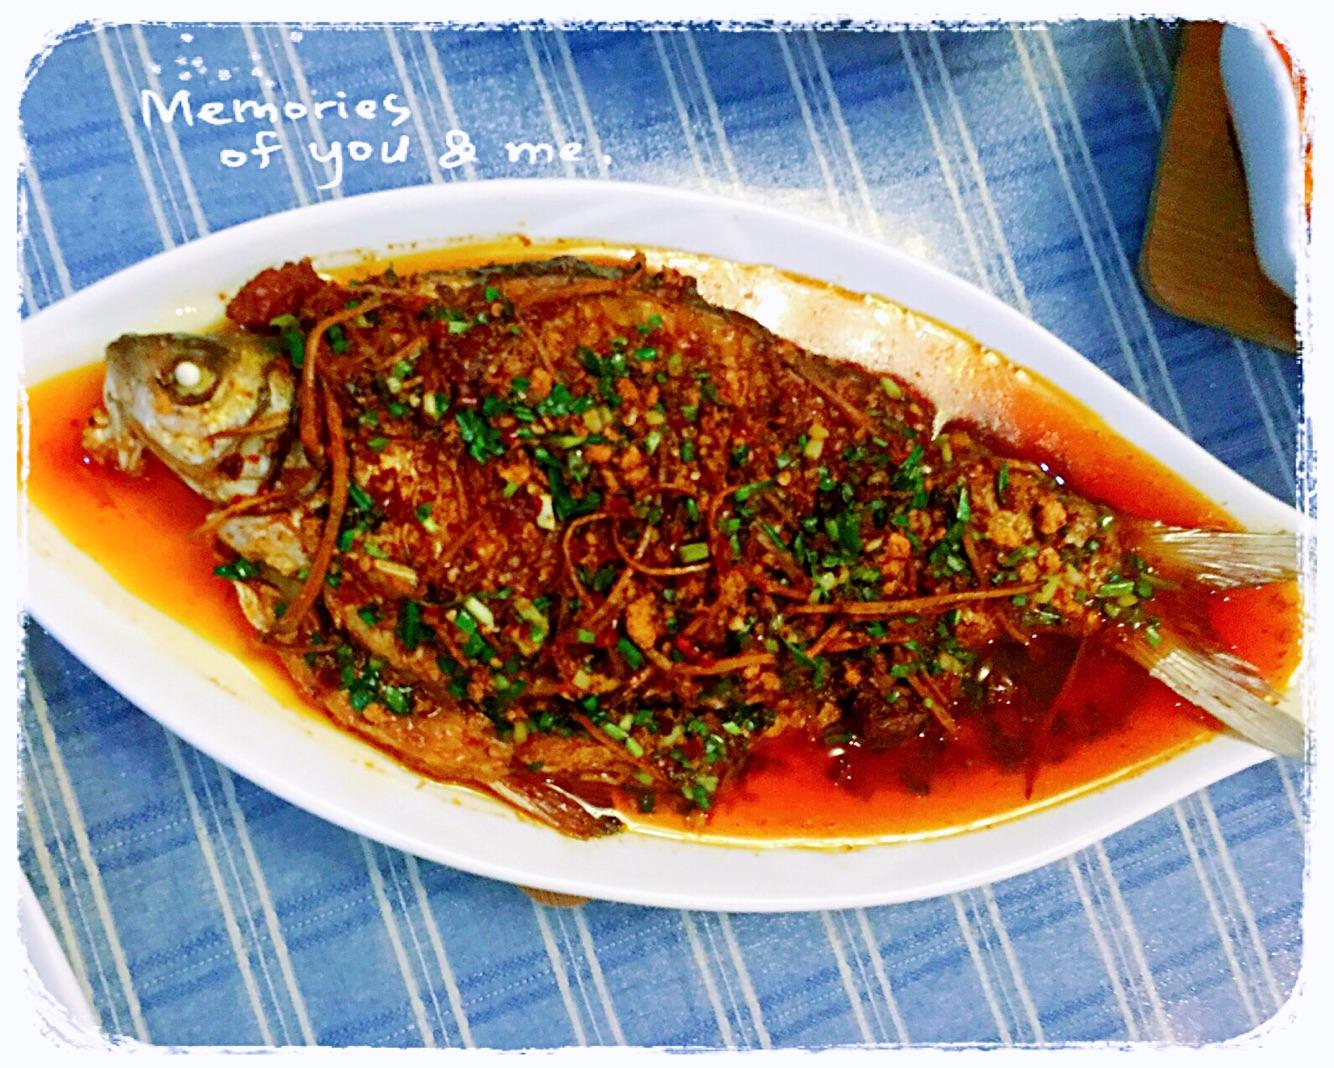 炒菜煲汤临锅时加入提鲜不口干 红烧鳊鱼的做法步骤        本菜谱的